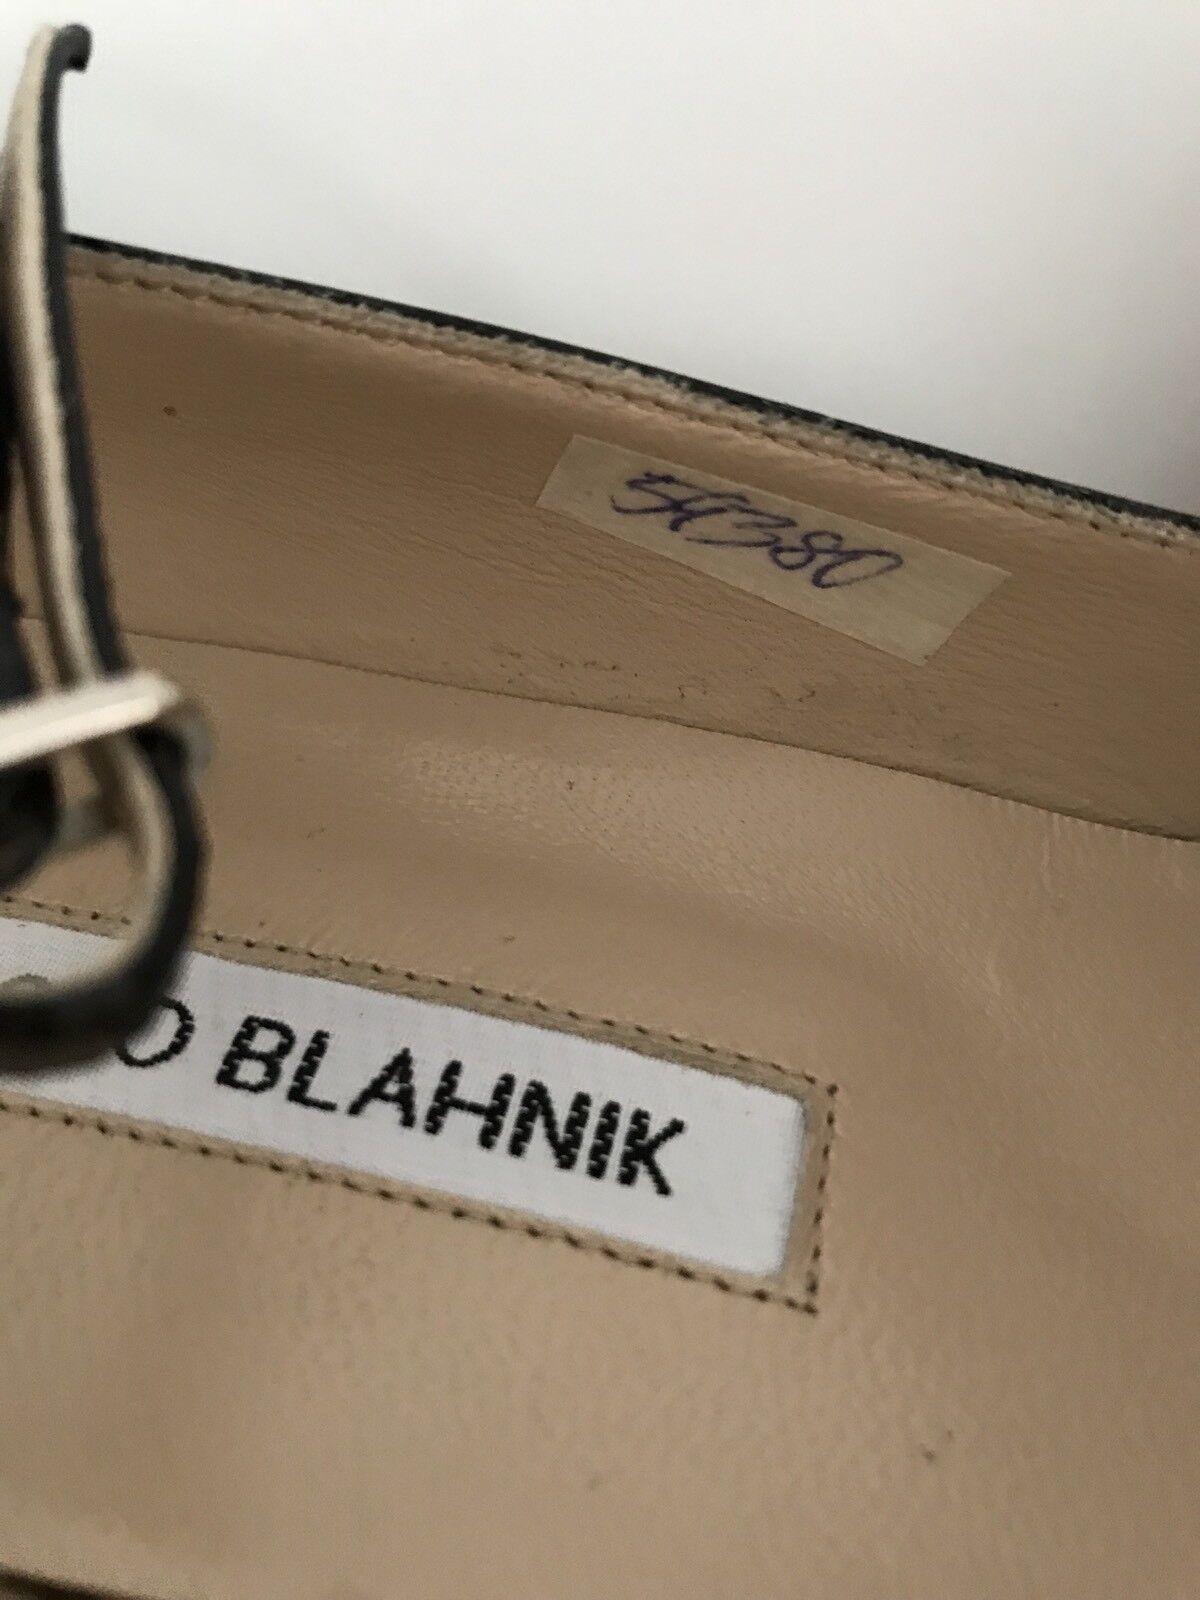 Nouveau  665 Manolo Blahnik Blahnik Blahnik Noir Cuir Verni Bride Cheville Pointure 38 1 2 160e45